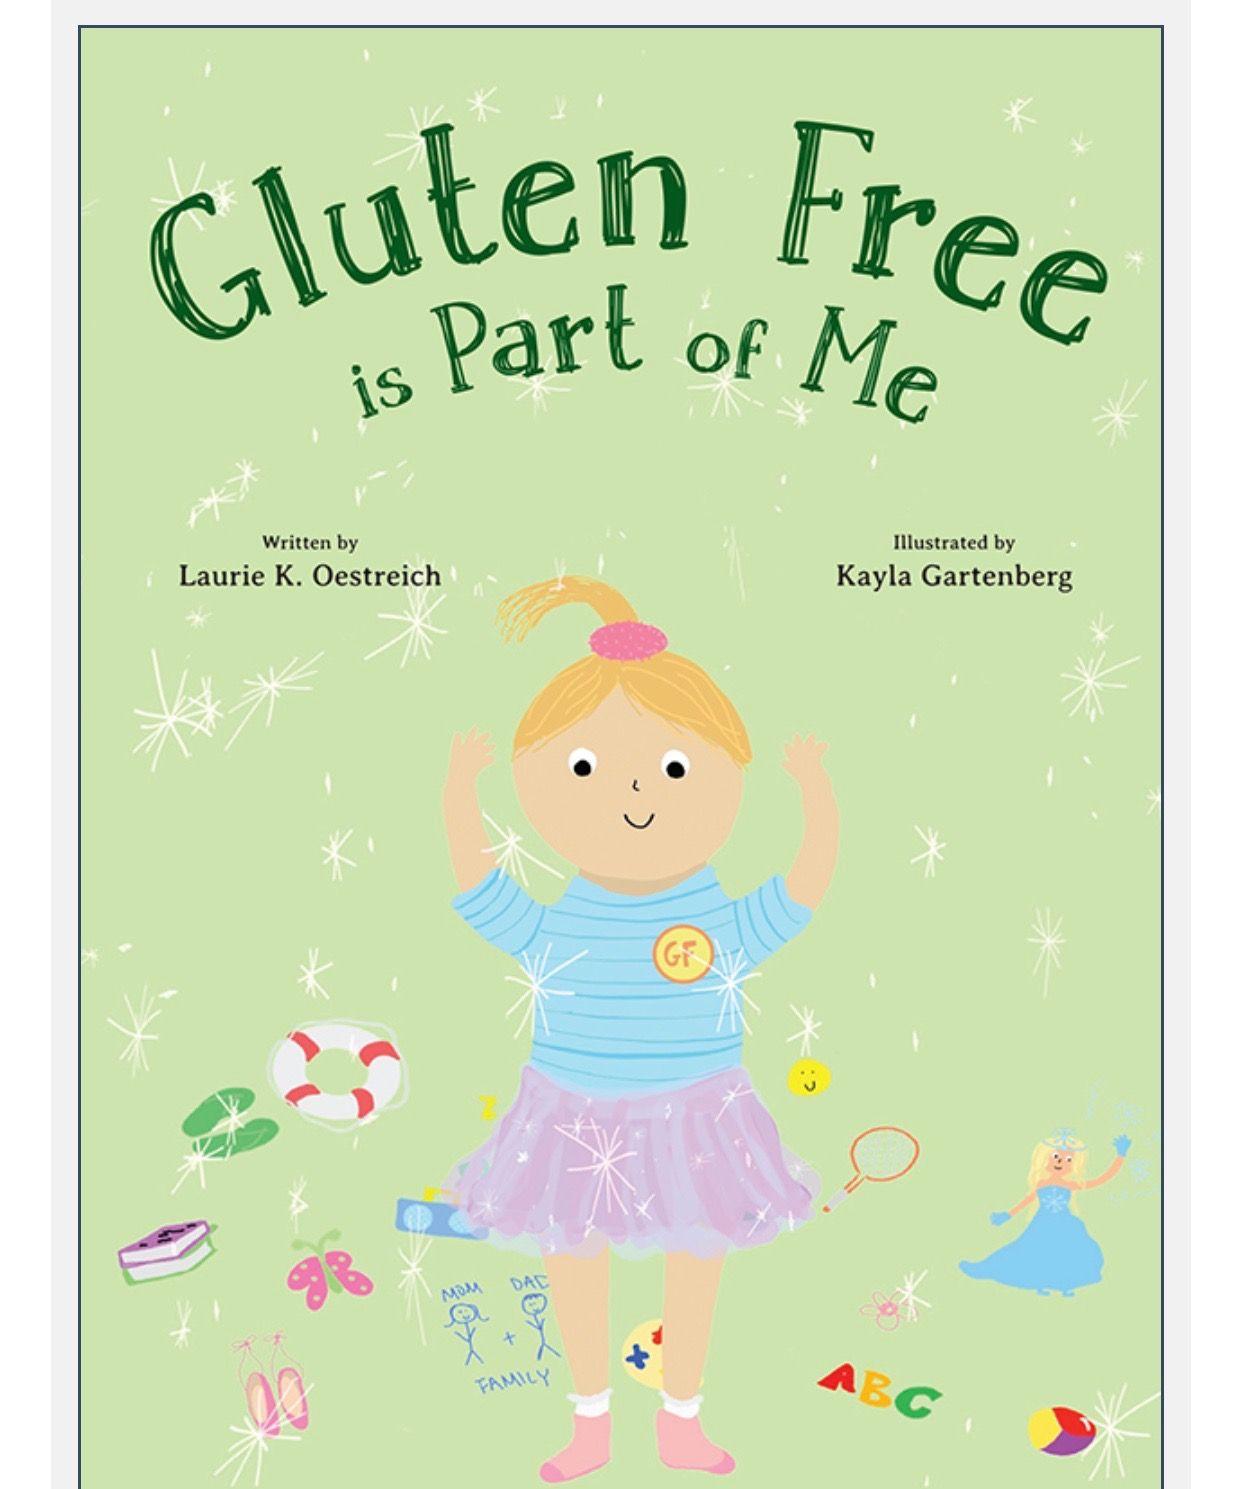 Celiac Gluten free, Gluten, Free